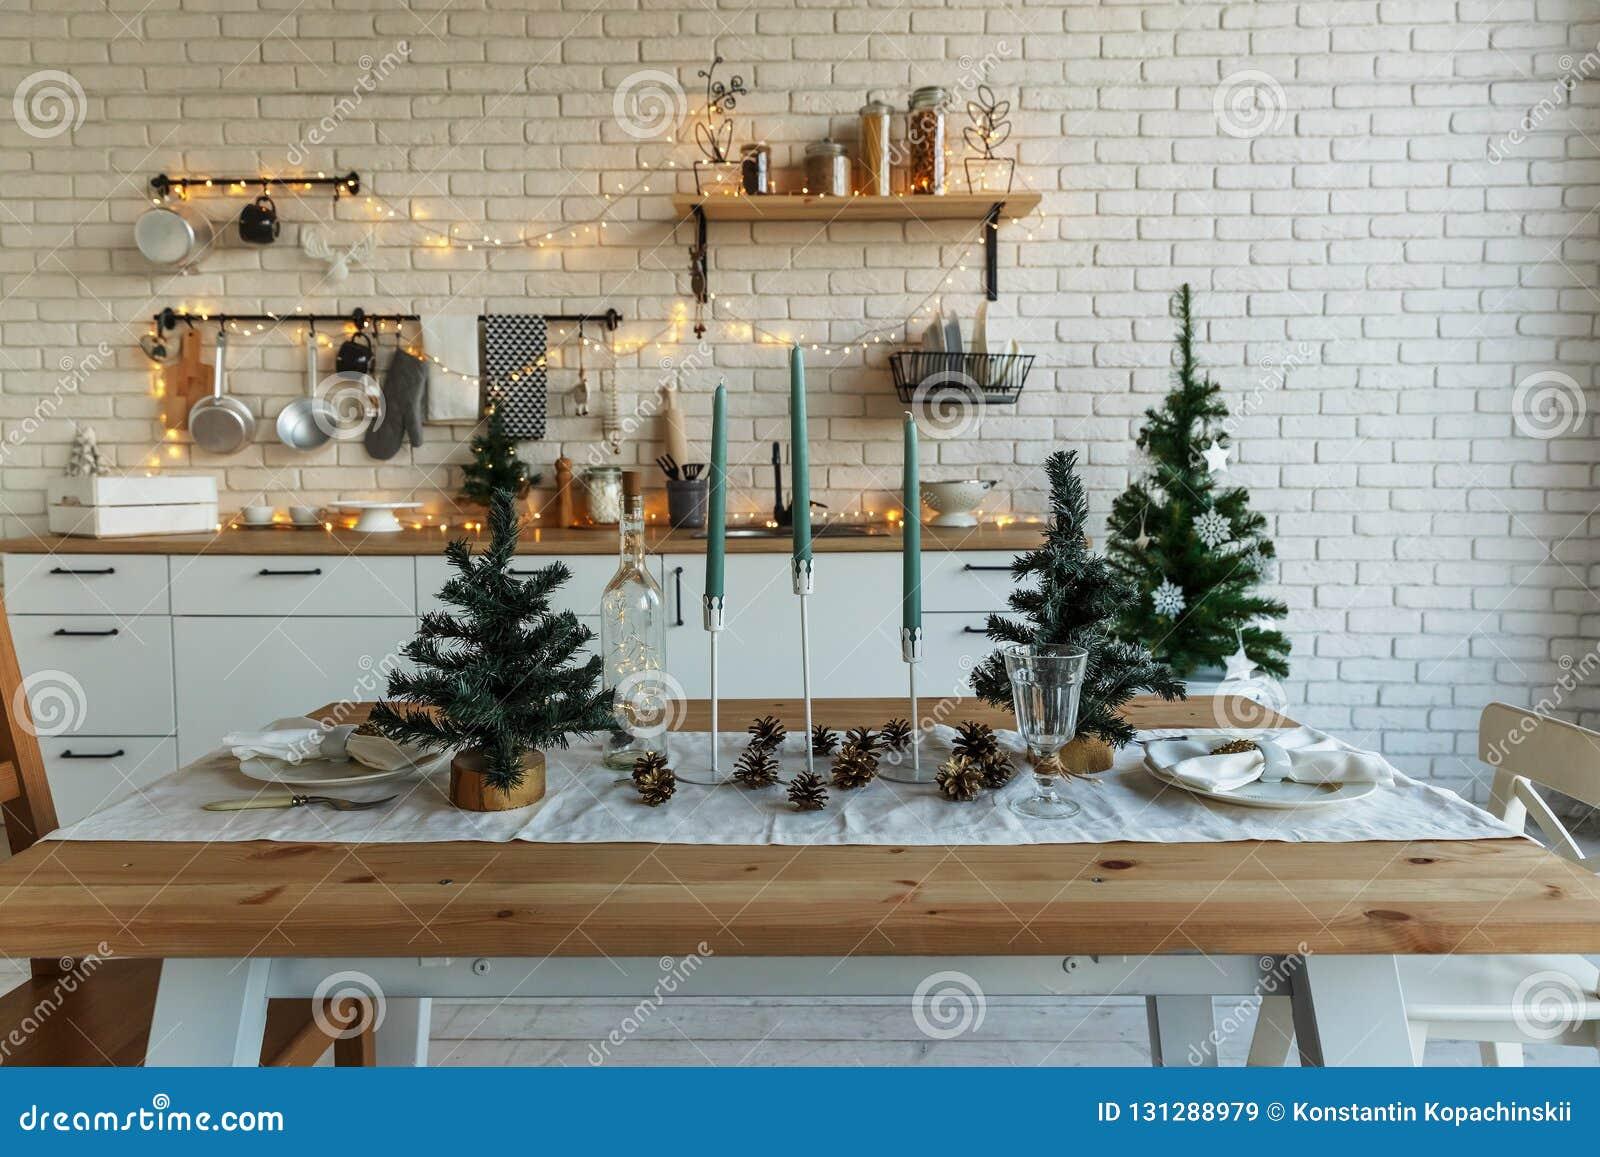 Nieuwjaar en Kerstmis 2018 Feestelijke keuken in Kerstmisdecoratie Kaarsen, nette takken, houten tribunes, lijst